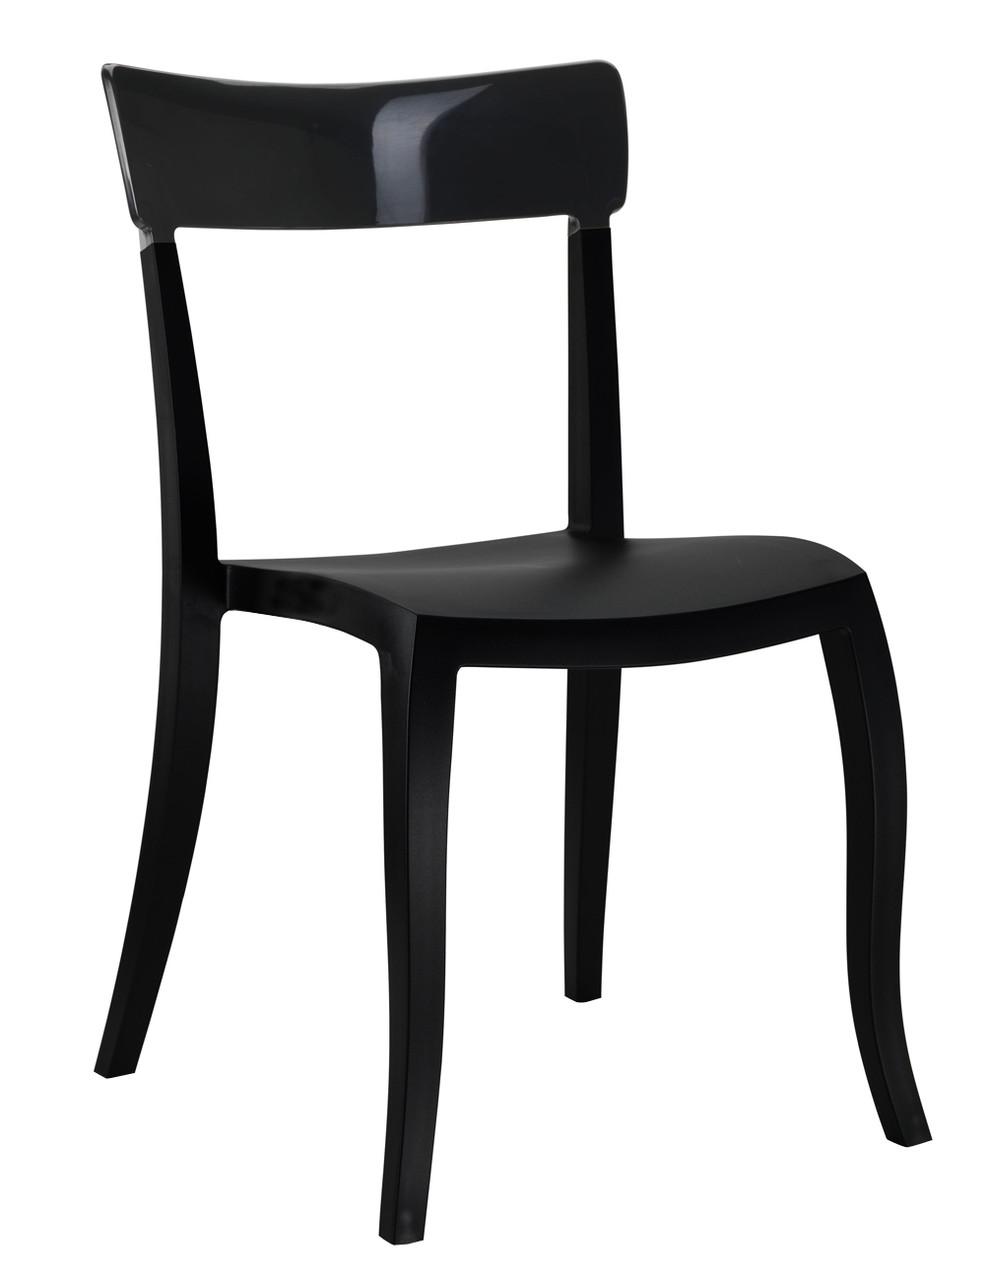 Стул Hera-S сиденье Черное верх Черный (Papatya-TM)